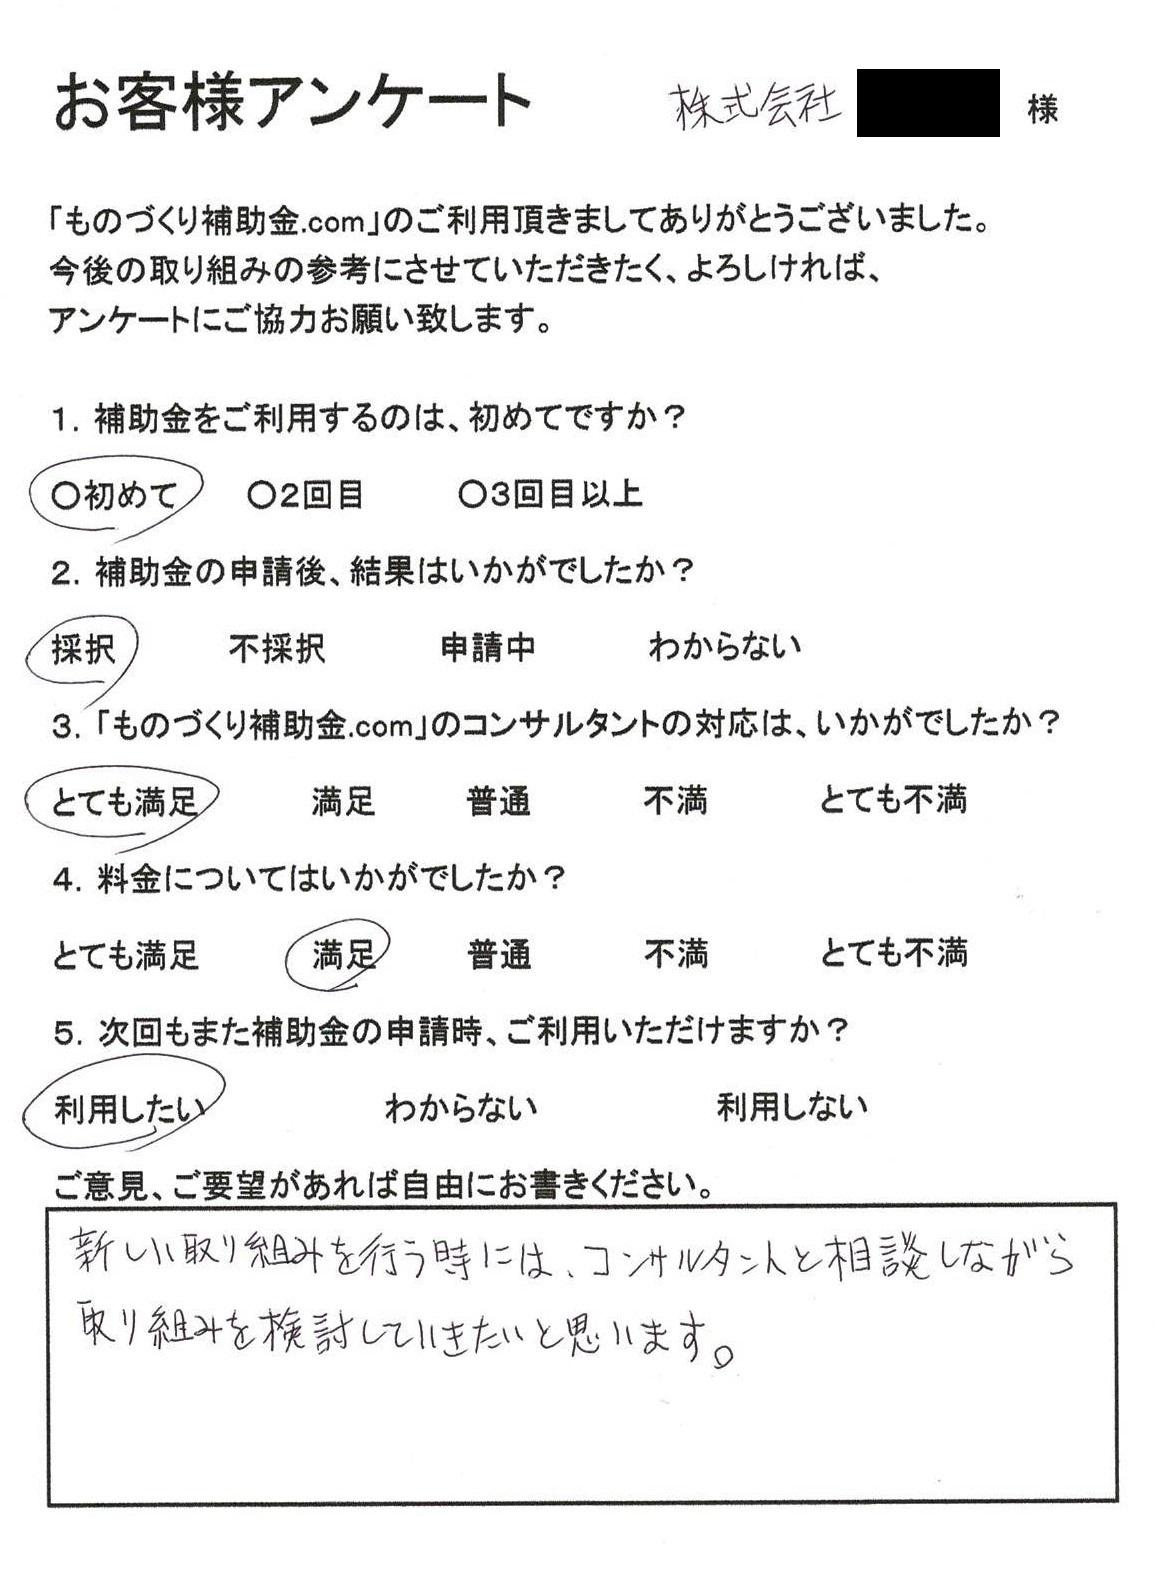 株式会社アミティ様 飲食業